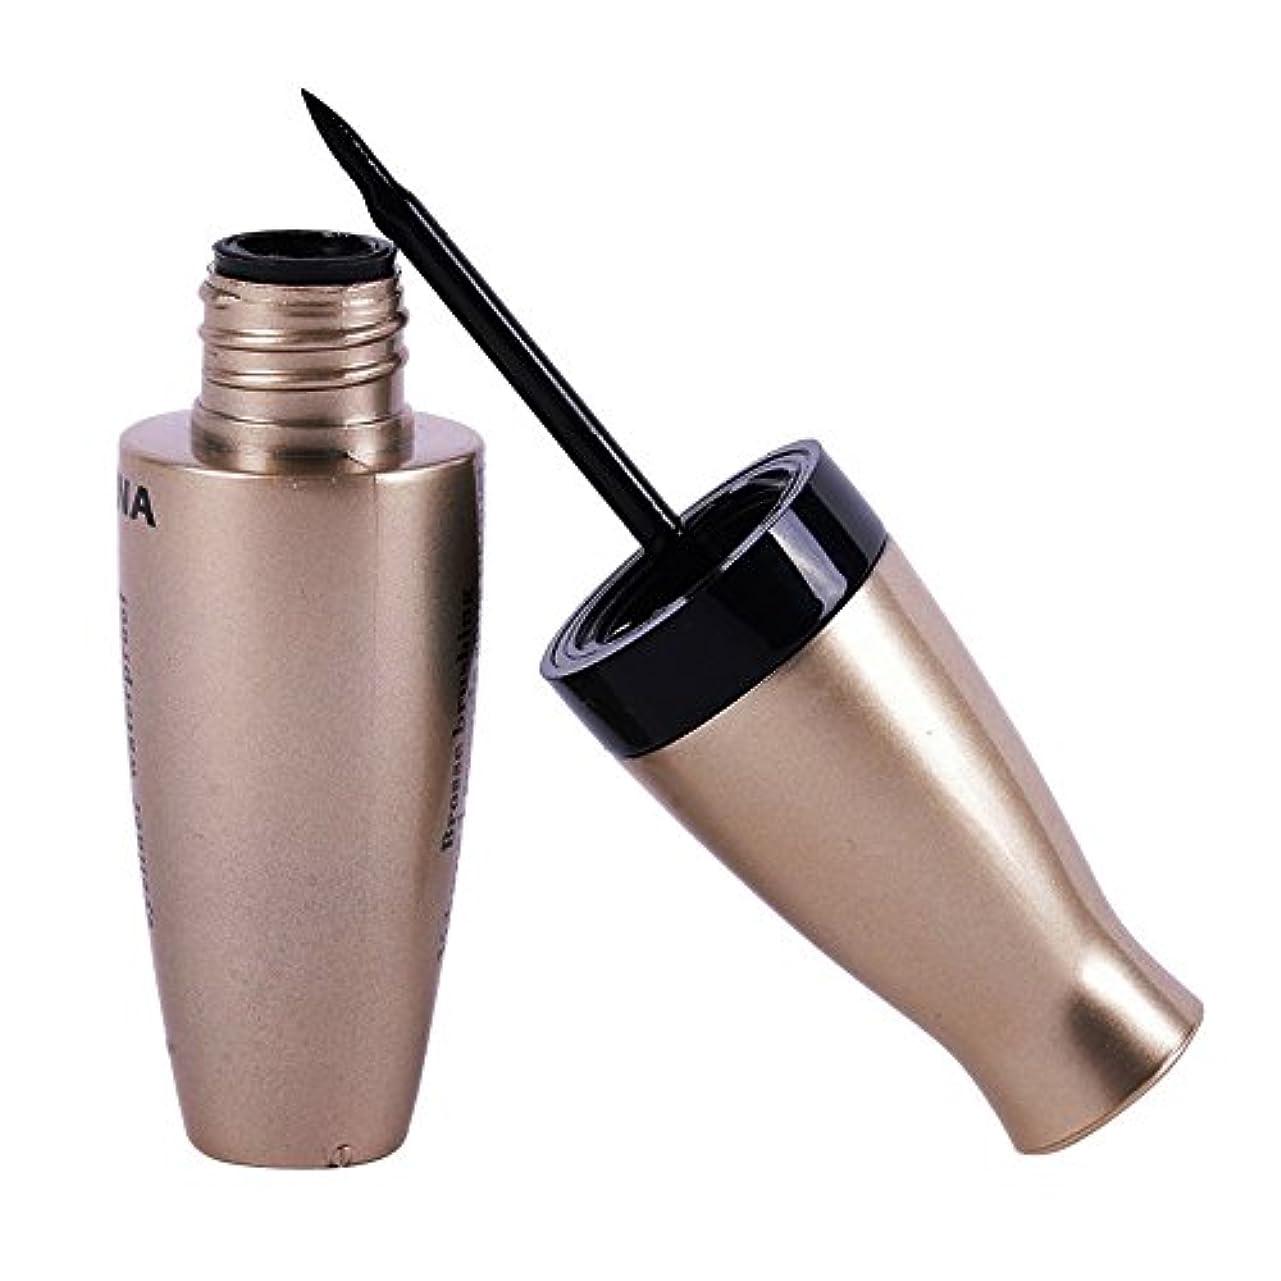 そうでなければ速記シフト新しいアイライナー防水リキッドアイライナーペンシルペンメイクアップ美容化粧品